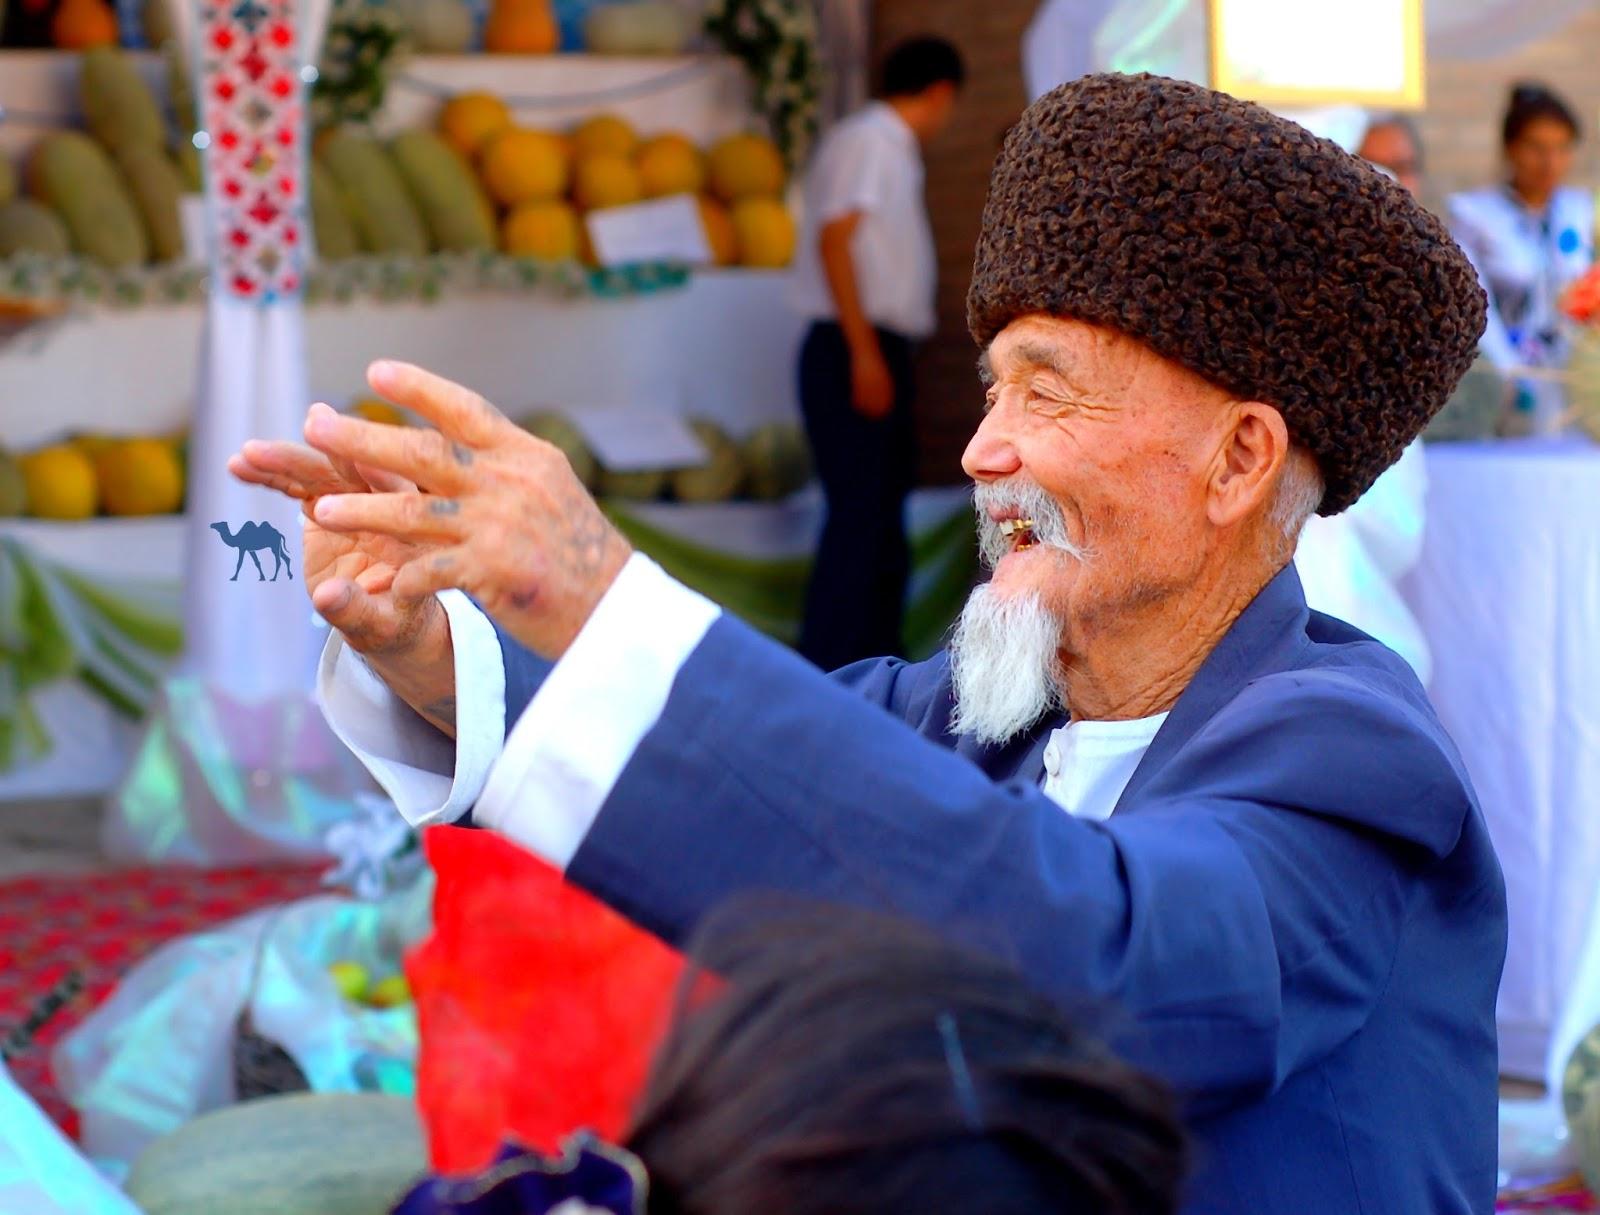 Le Chameau Bleu - Blog Voyage Ouzbékistan - Vieux Danseur à la fete du melon Khiva Ouzbékistan